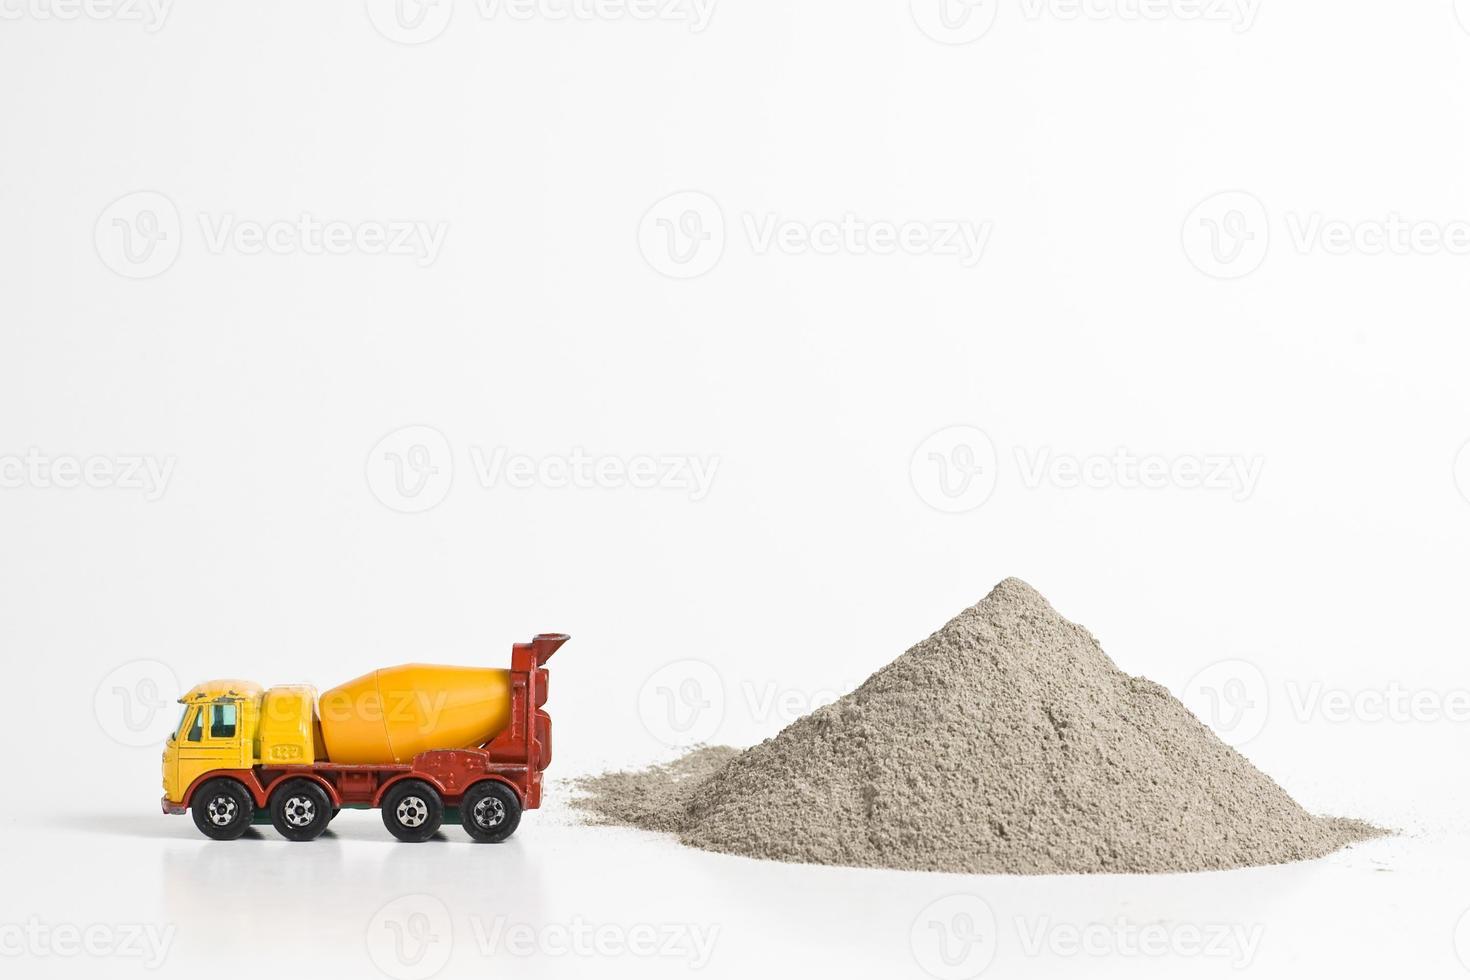 caminhão de concreto em miniatura ao lado da pilha de cimento em pó foto